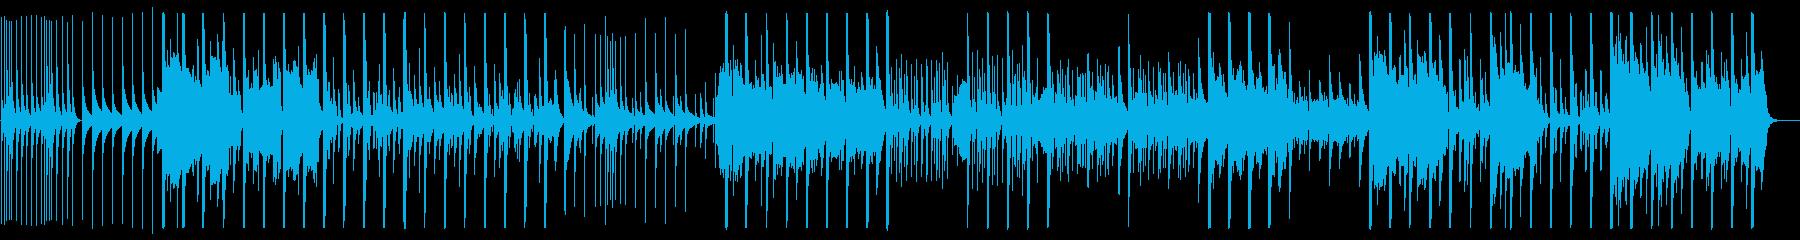 鉄琴やストリングスによる切ない楽曲の再生済みの波形